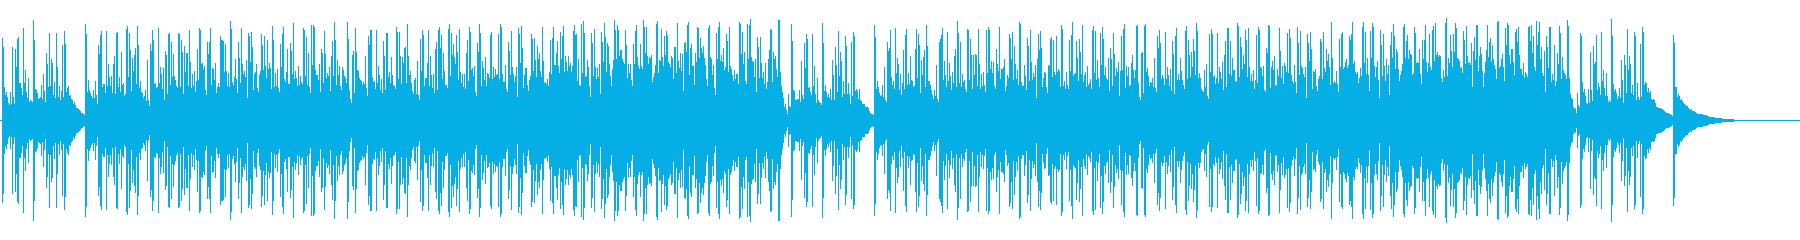 軽快なフレンチ系ポップ/ボサノバの再生済みの波形